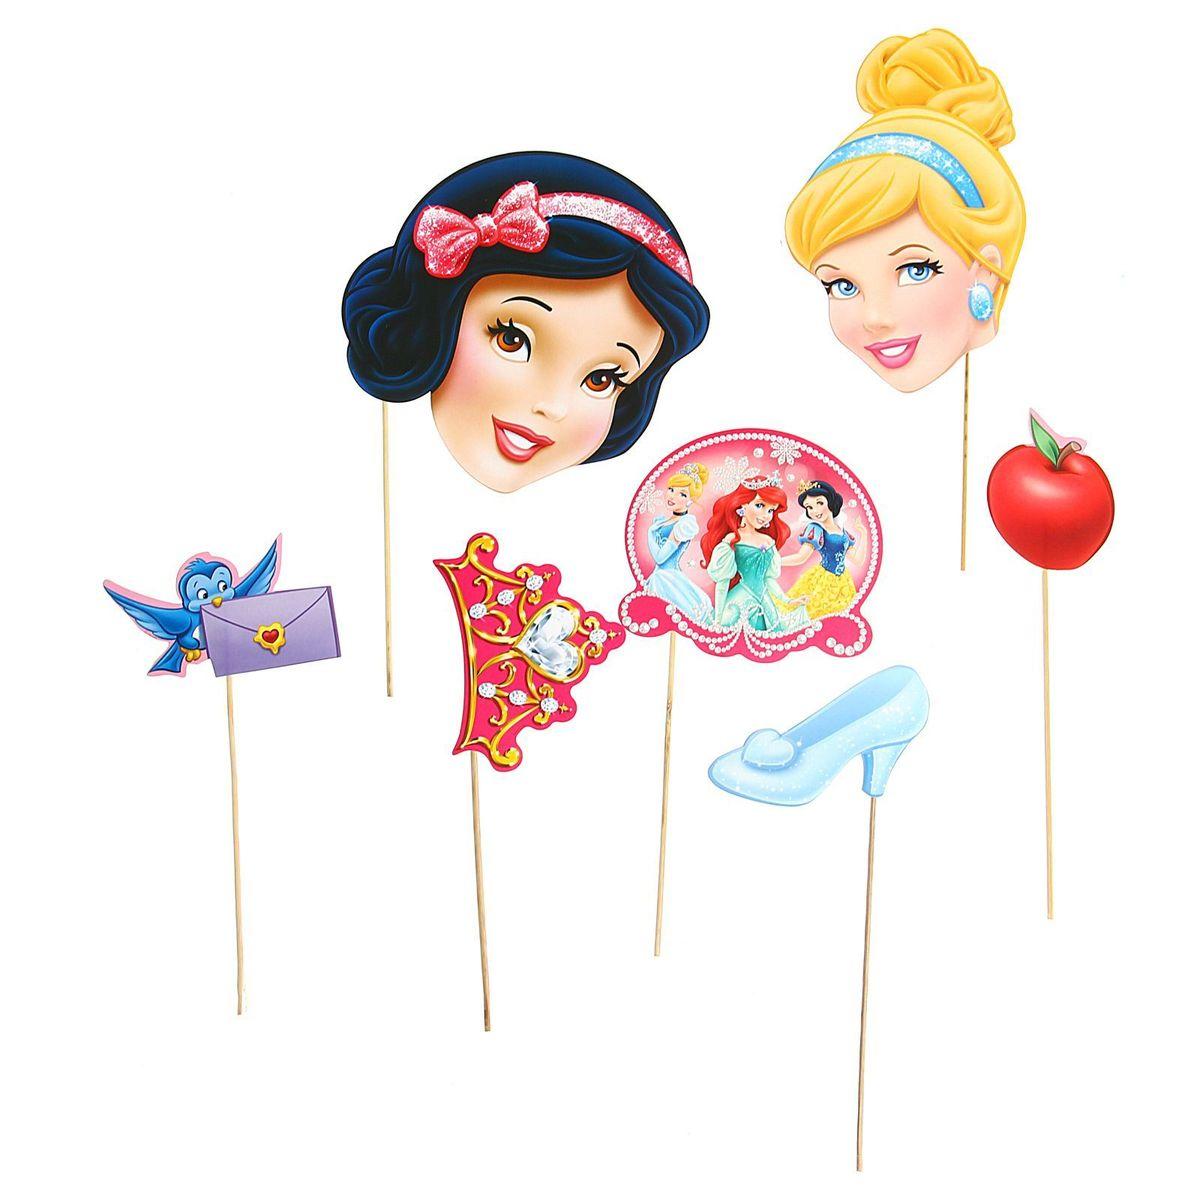 Набор фотобутафории Disney Принцессы, 7 предметов набор секретная раскраска disney принцессы